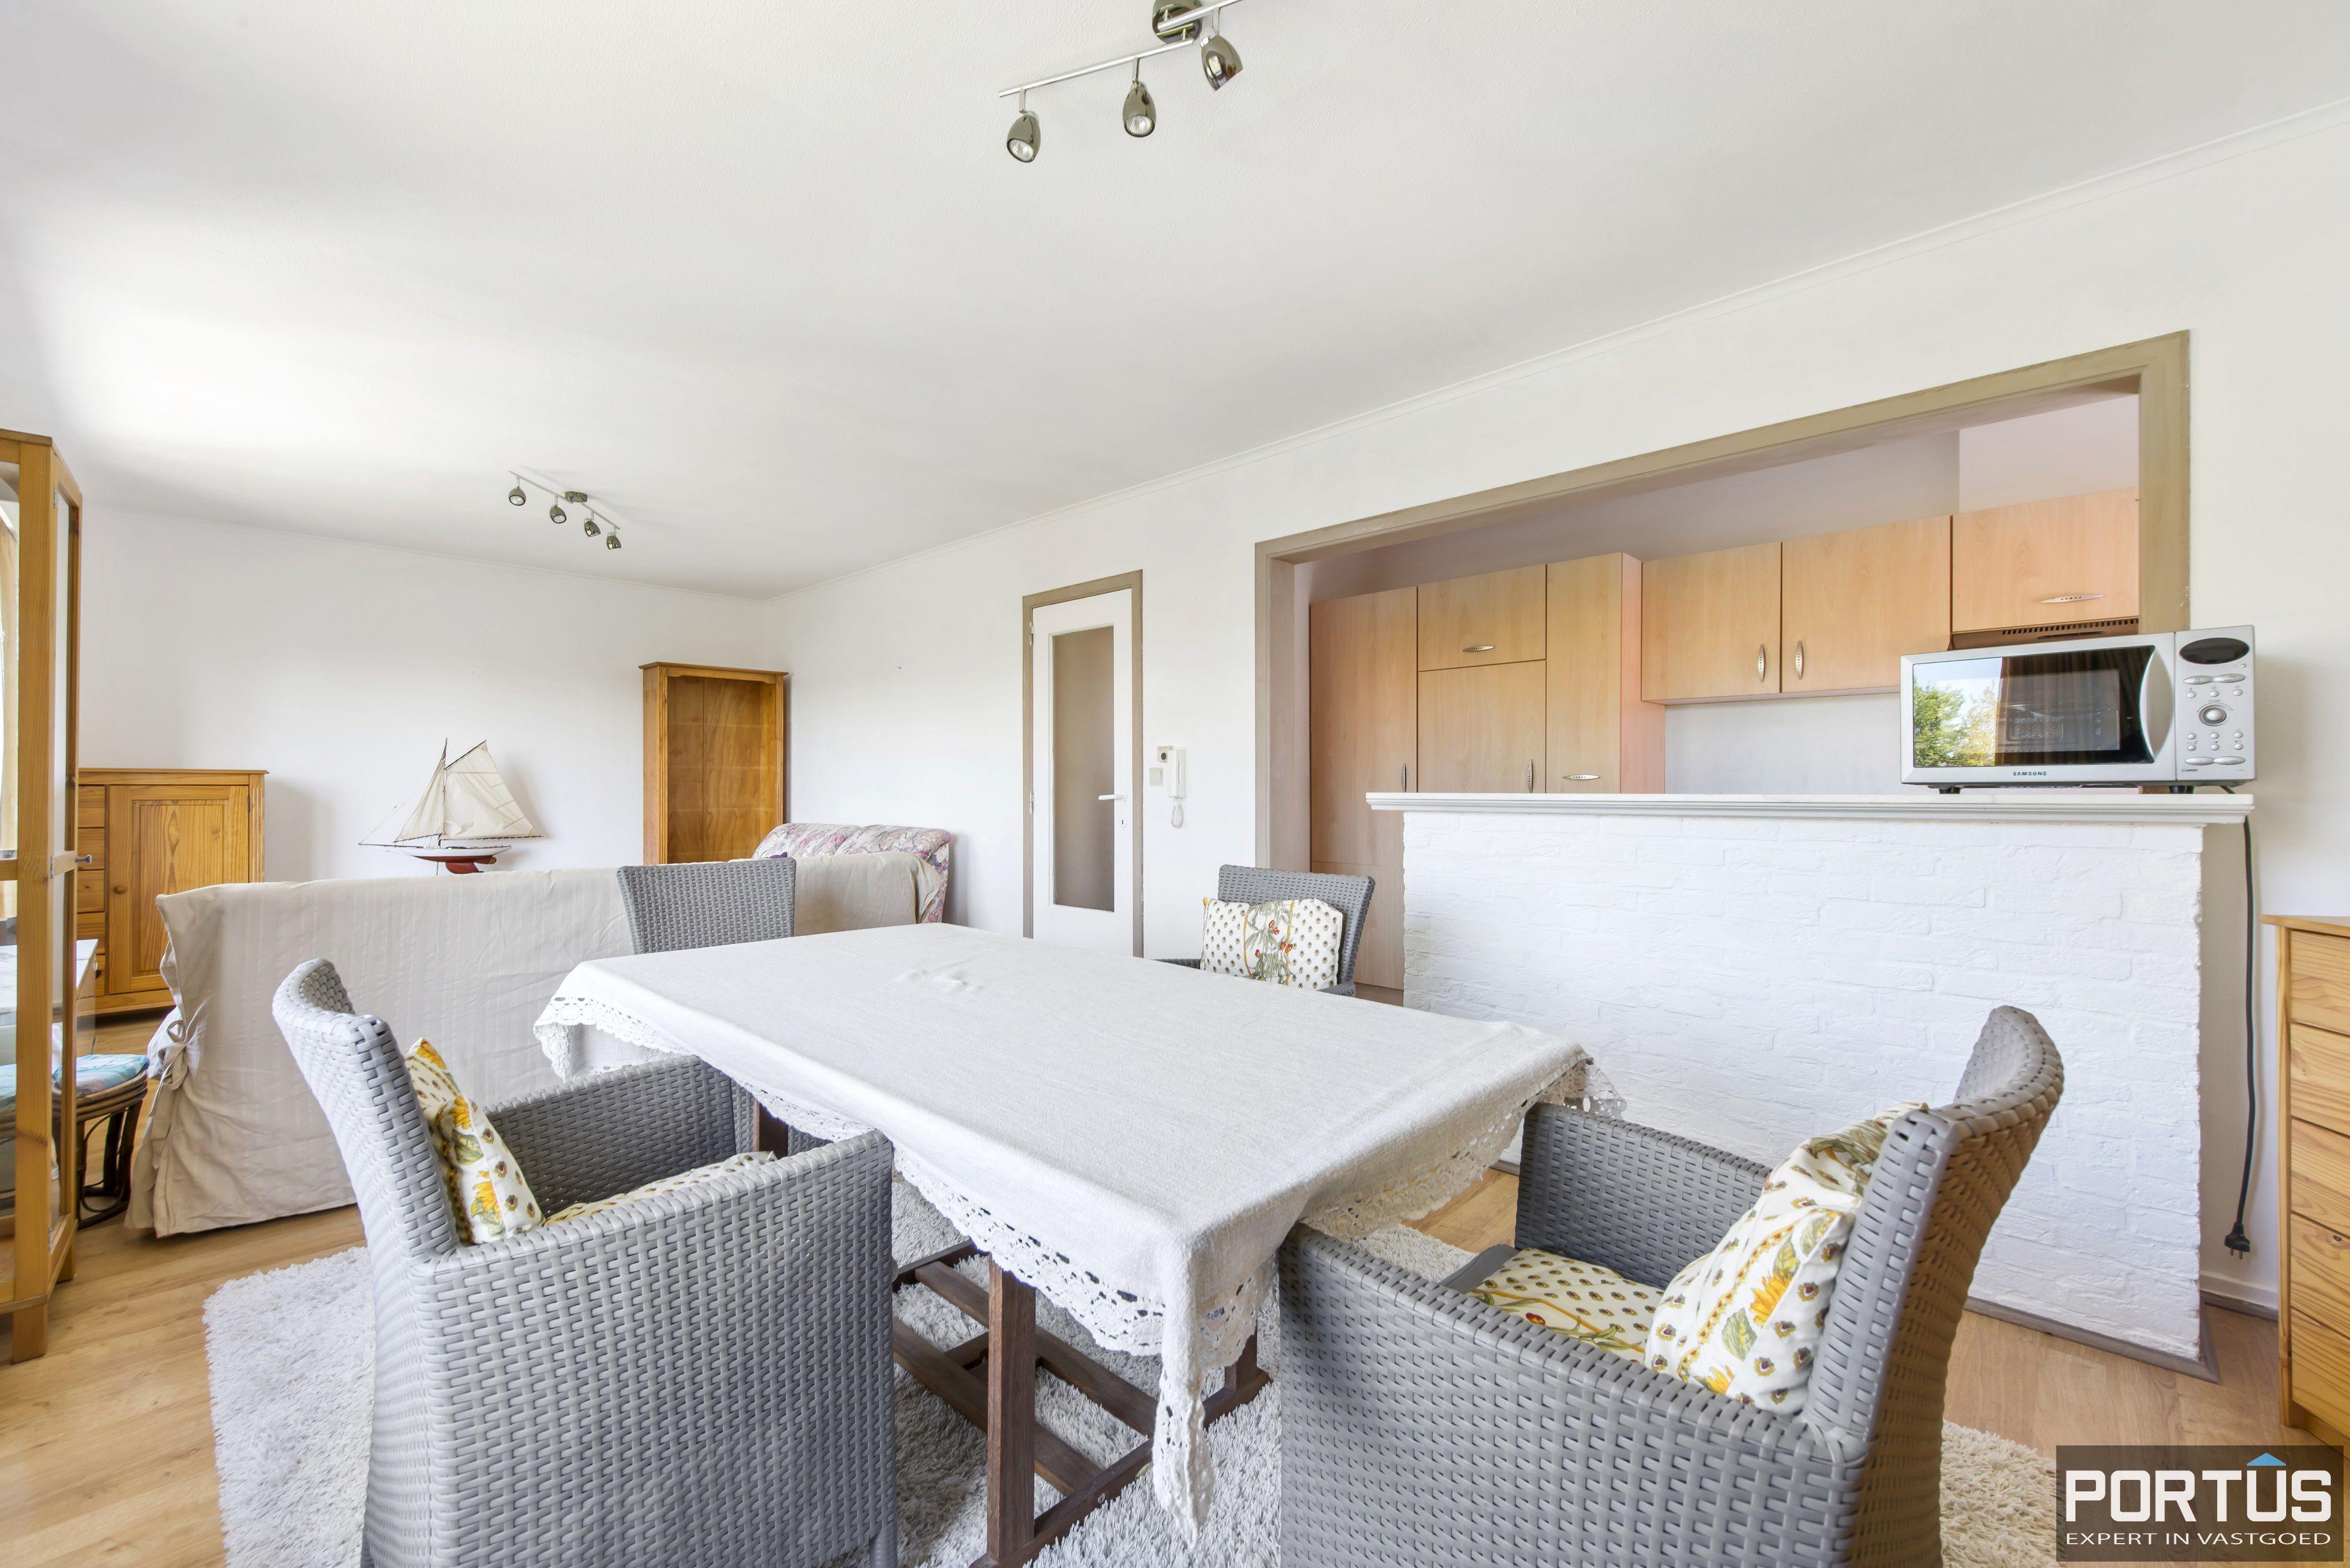 Appartement met 2 slaapkamers en parking te koop te Nieuwpoort - 9730